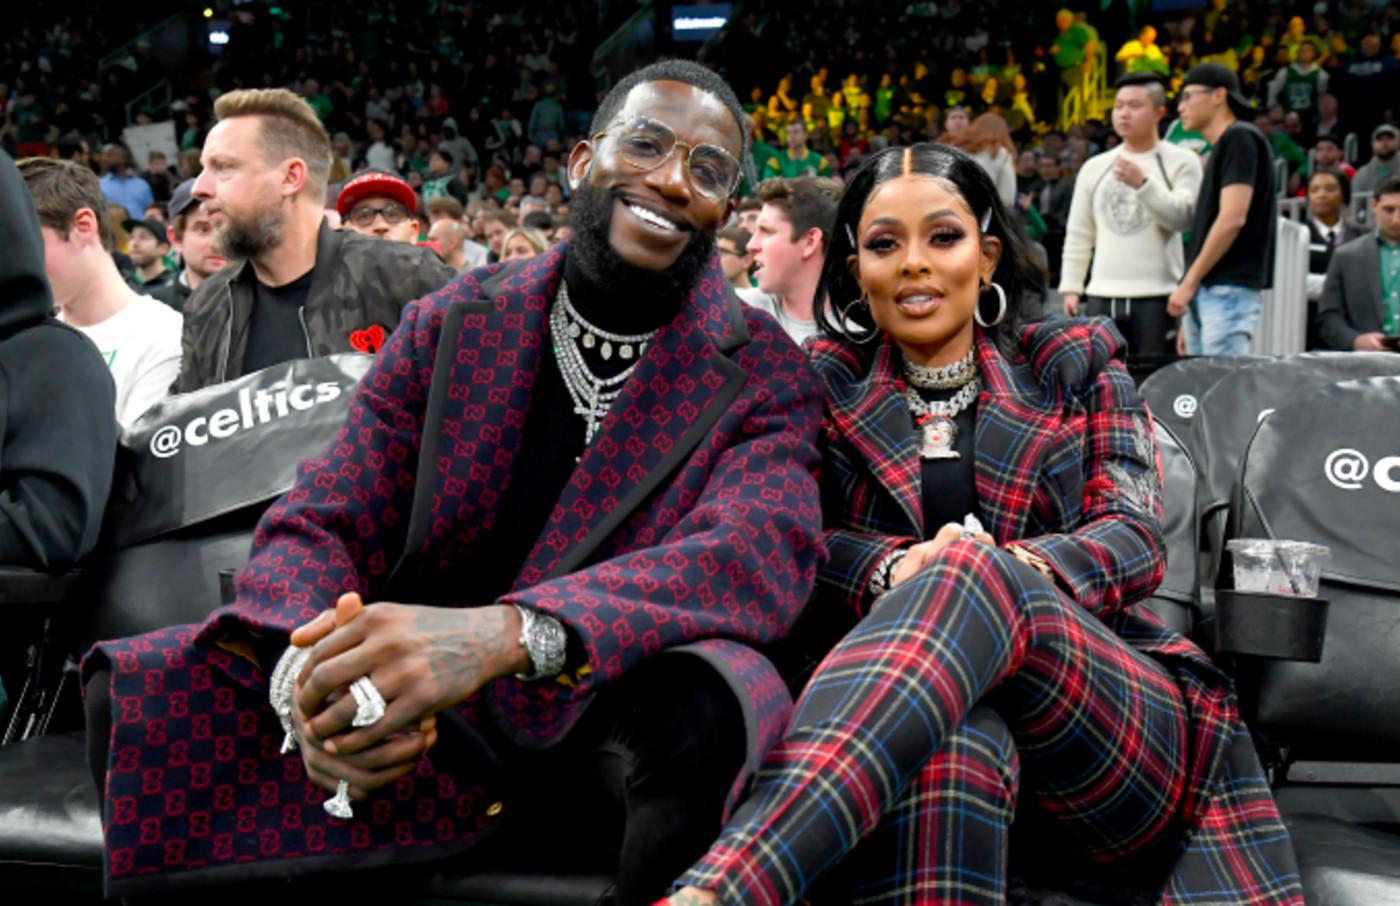 Celebrites, Gucci Mane, and Keyshia Ka'Oir